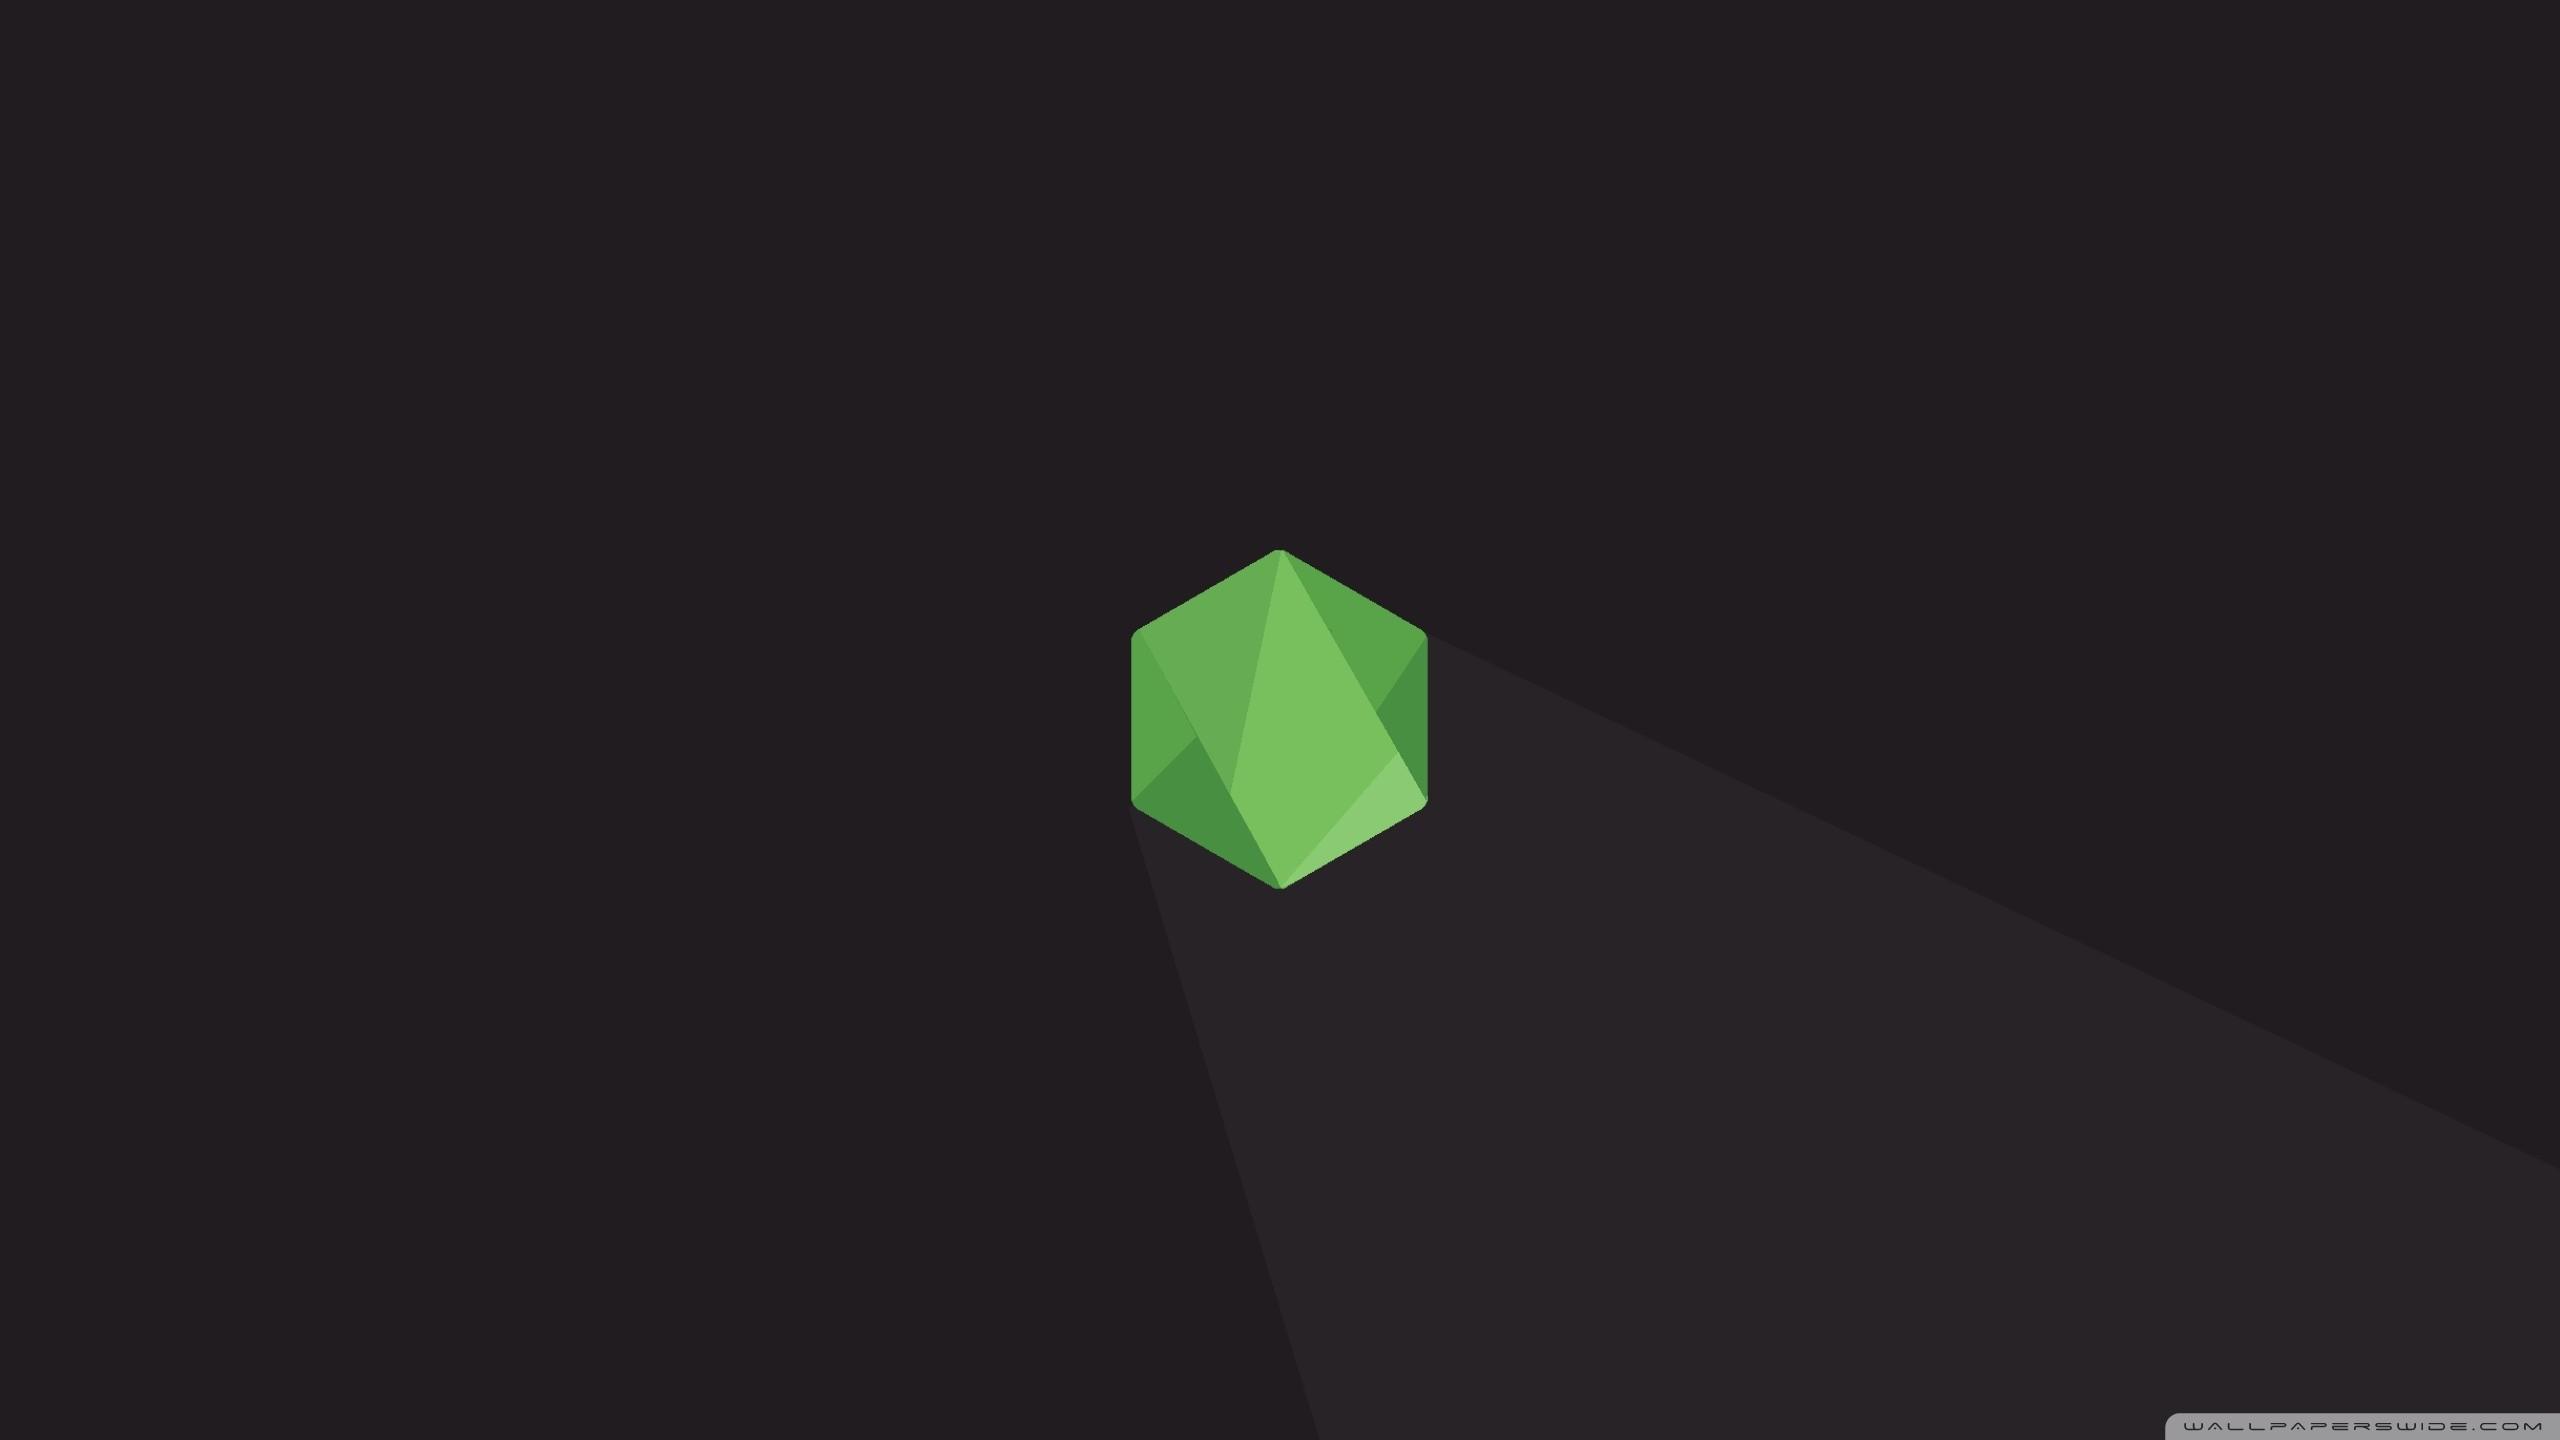 Node.js Hexagon HD Wide Wallpaper for Widescreen